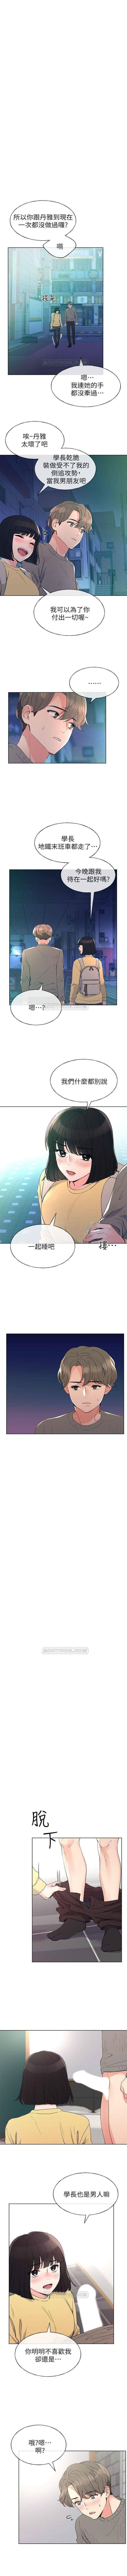 (週5)重考生 1-52 中文翻譯(更新中) 305